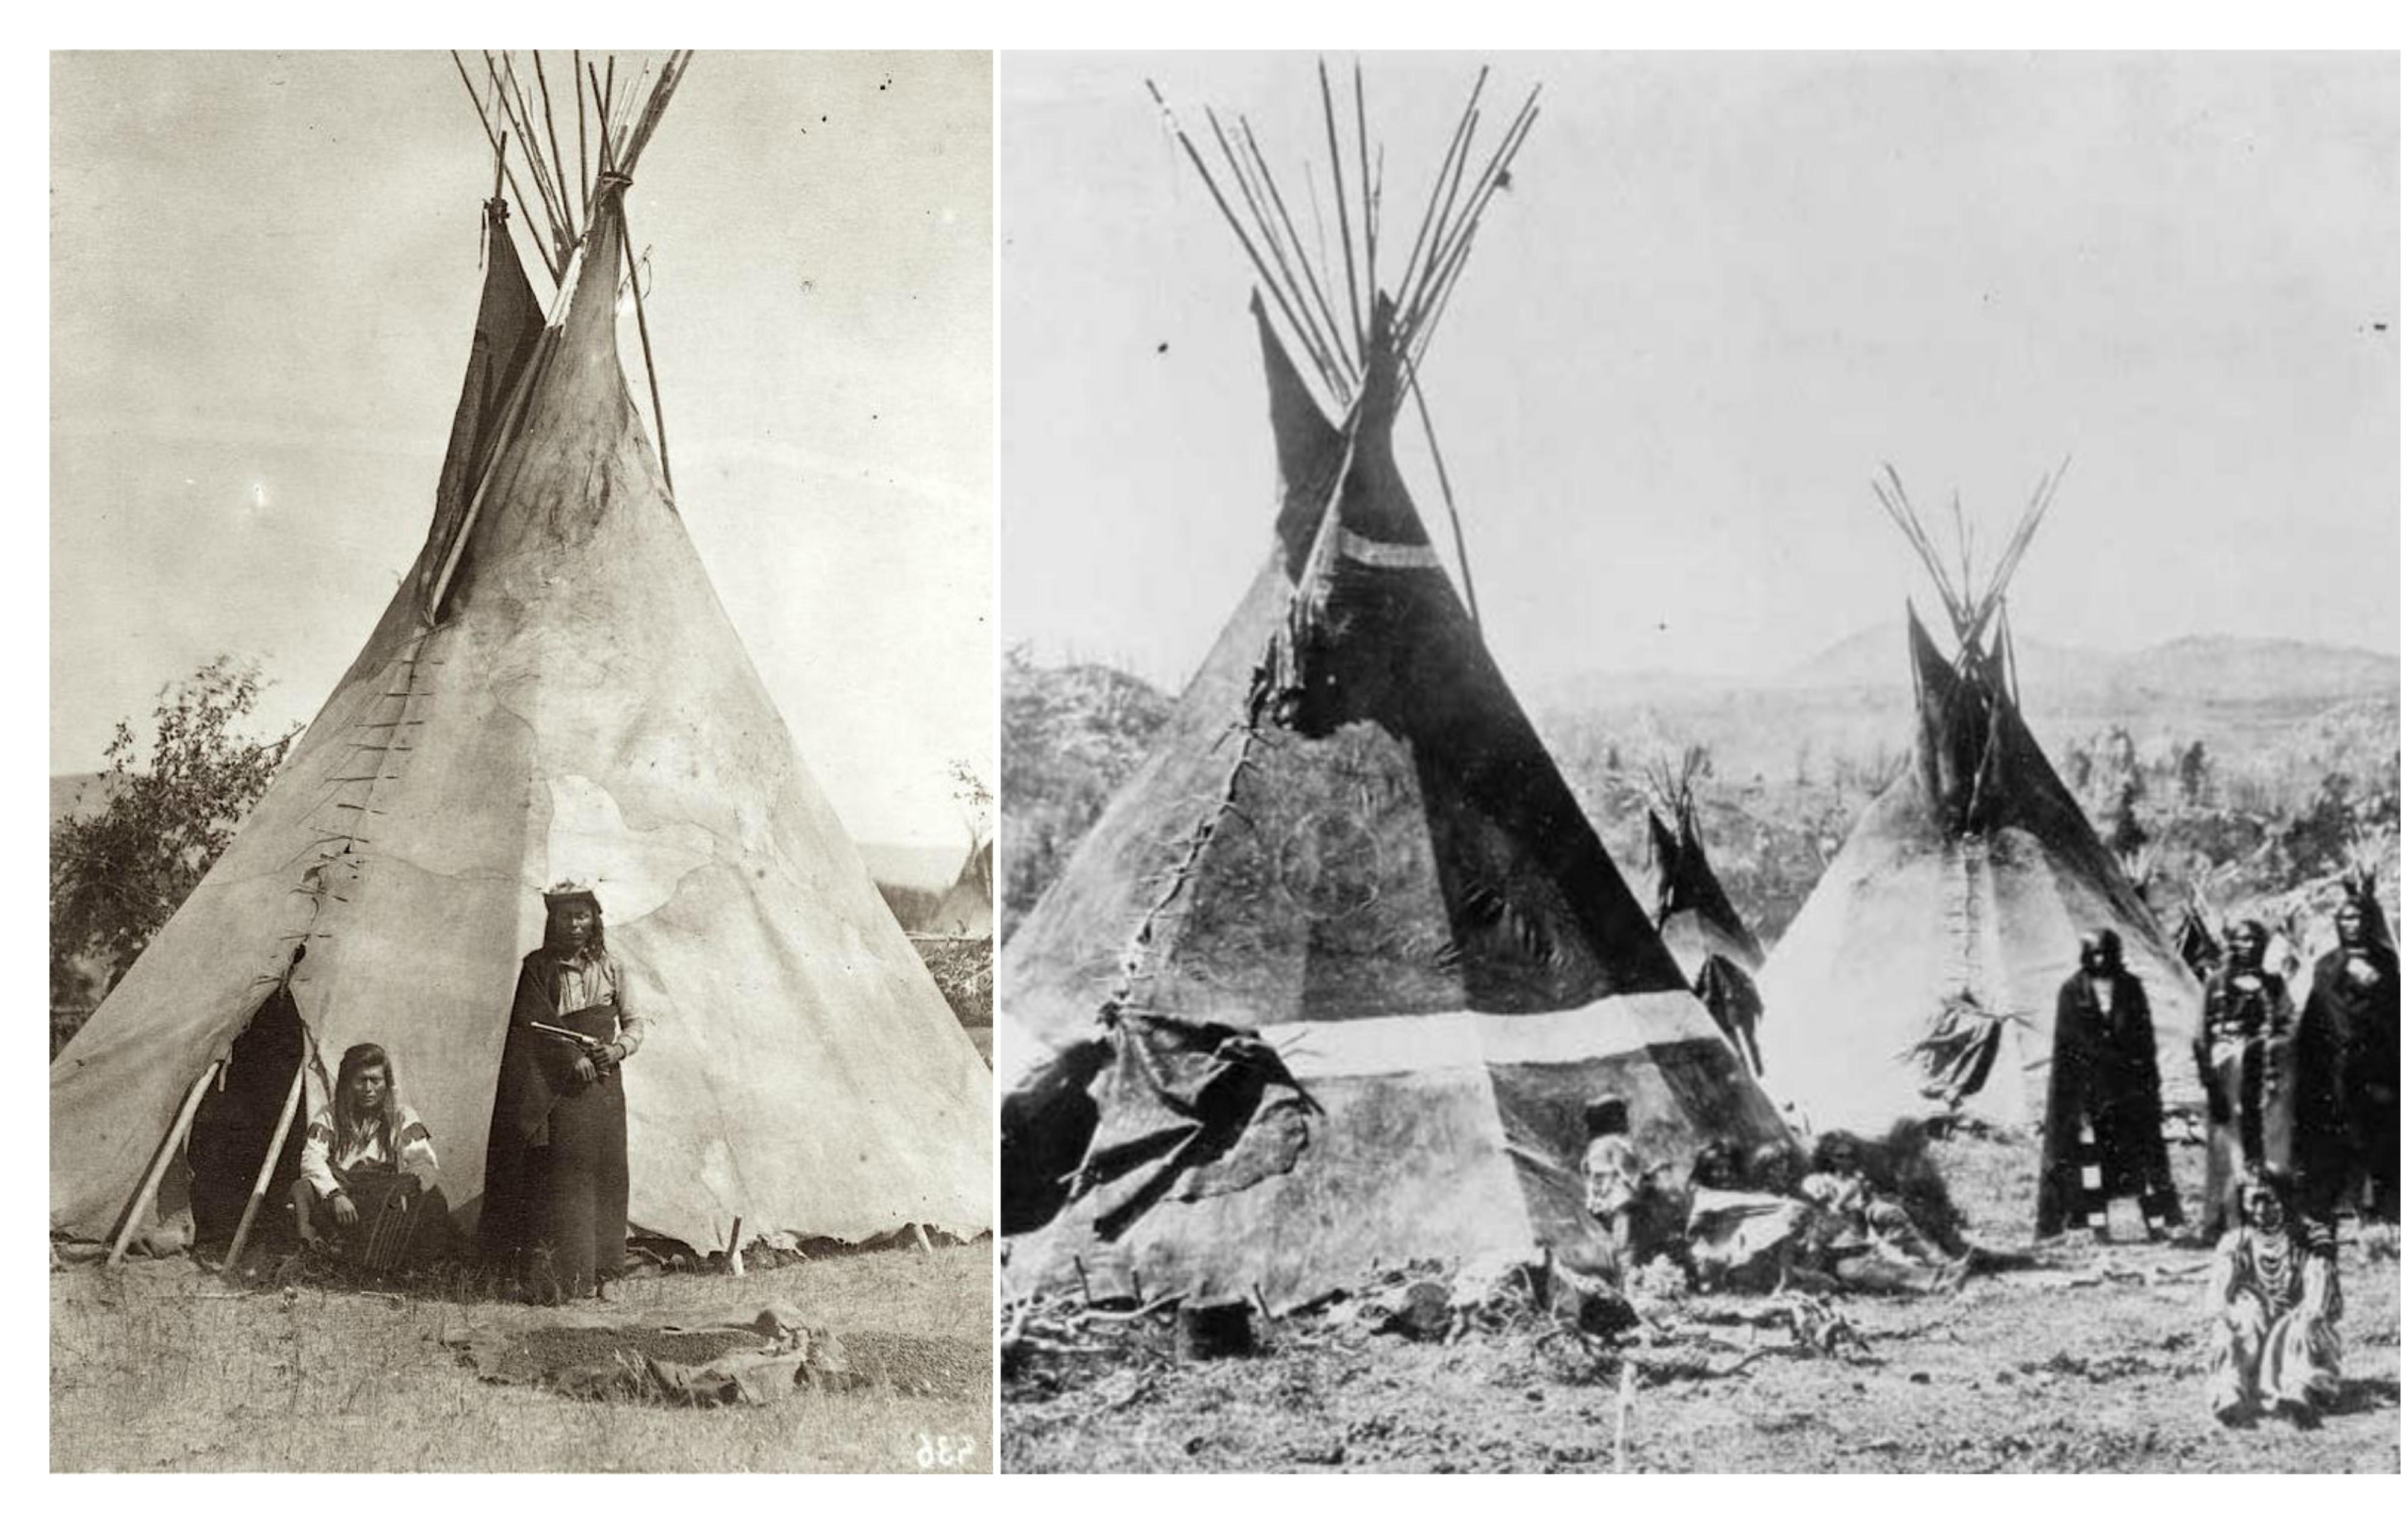 indios-nativos-americanos-viviendo-en-tipis